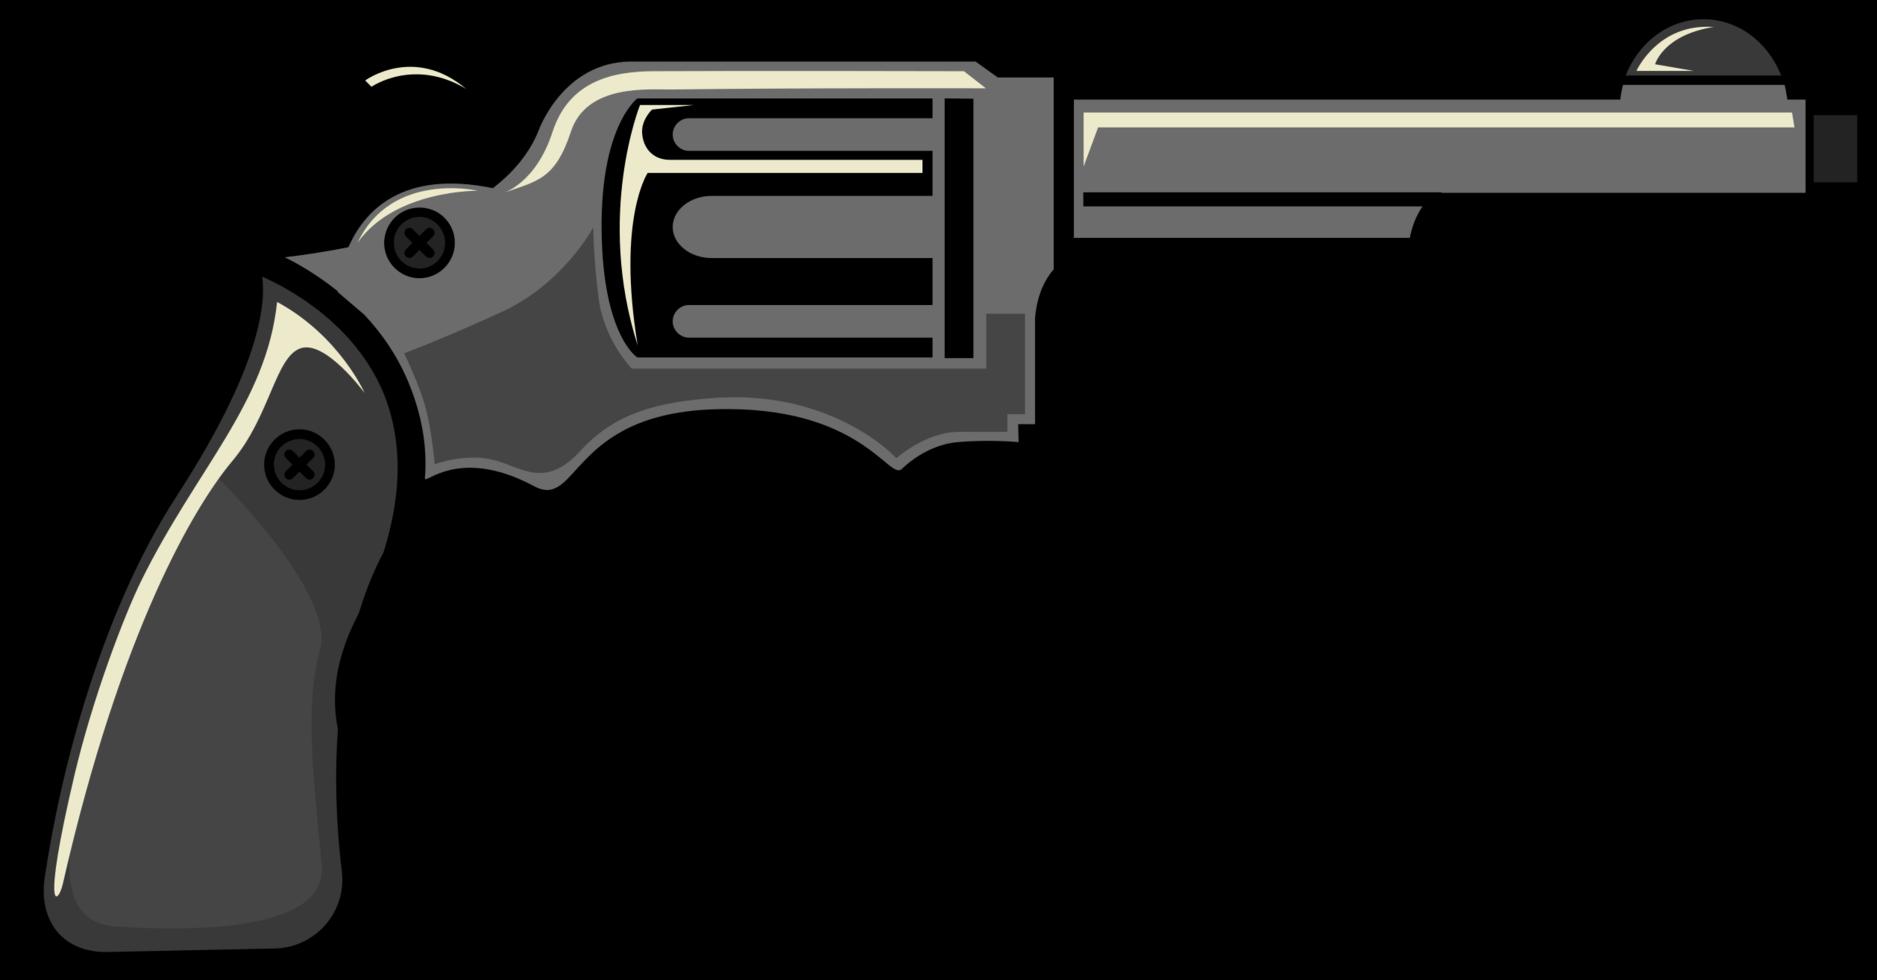 Gewehr png